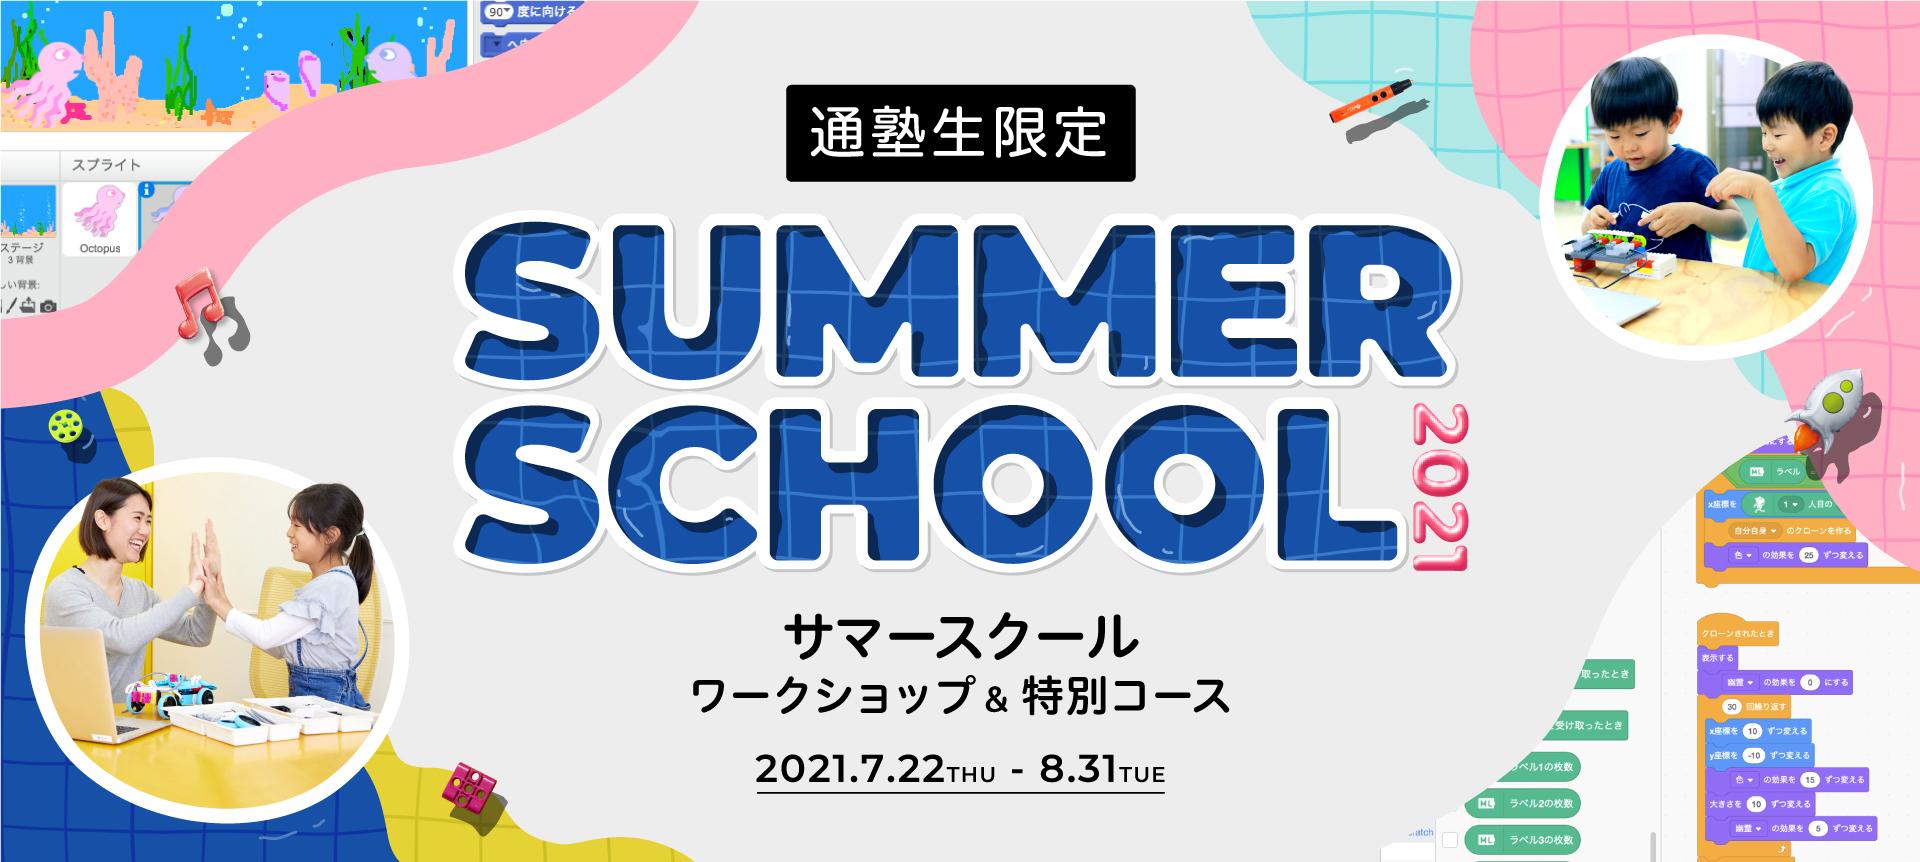 【通塾生限定】SUMMER SCHOOL 2021 ワークショップ&特別コース